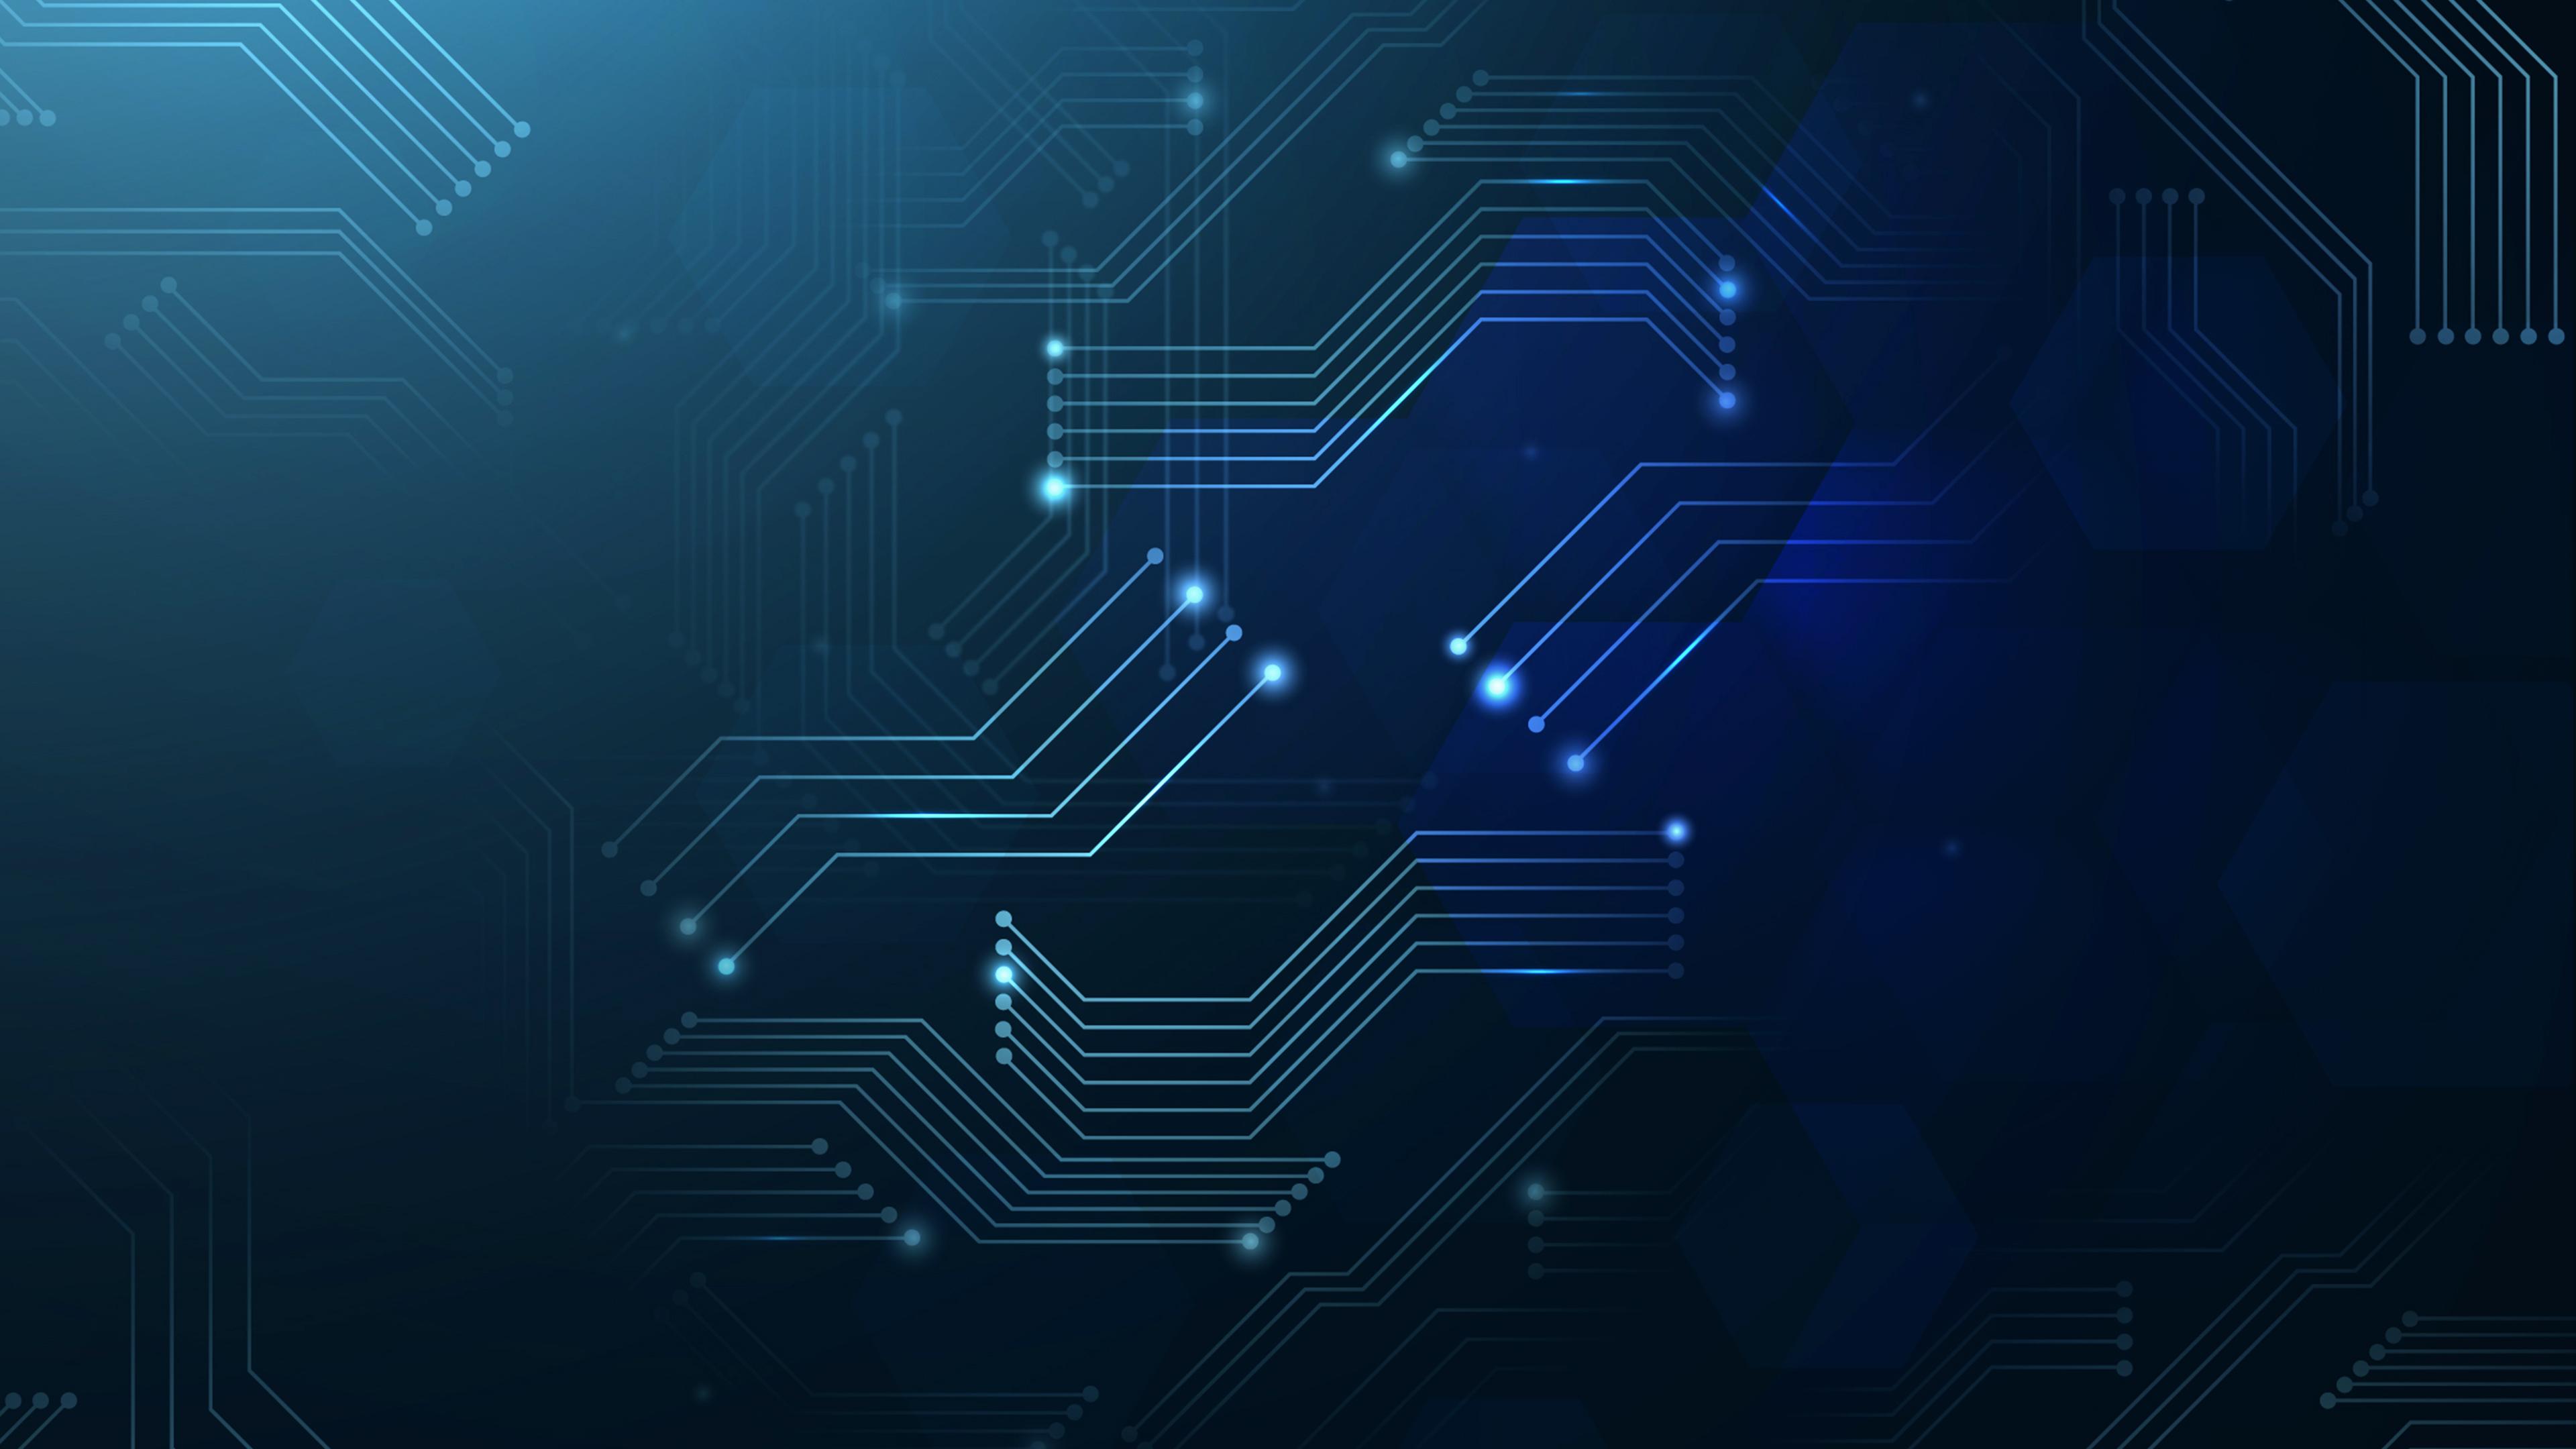 4k Blue Technology Wallpaper Hd